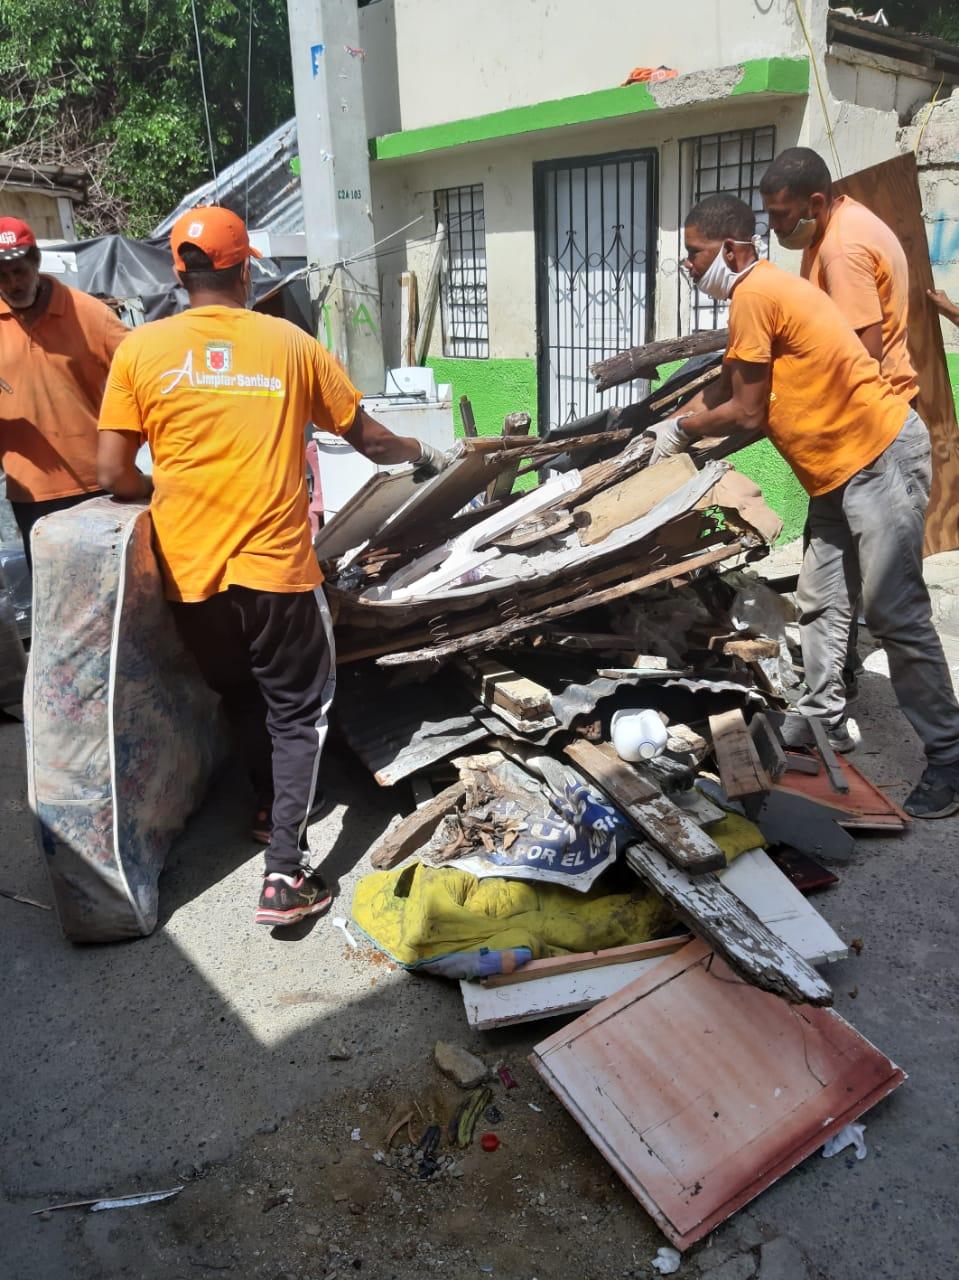 Alcaldía Santiago realiza exitoso operativo anti corotos en barrios populosos; retira unas 1,300toneladas